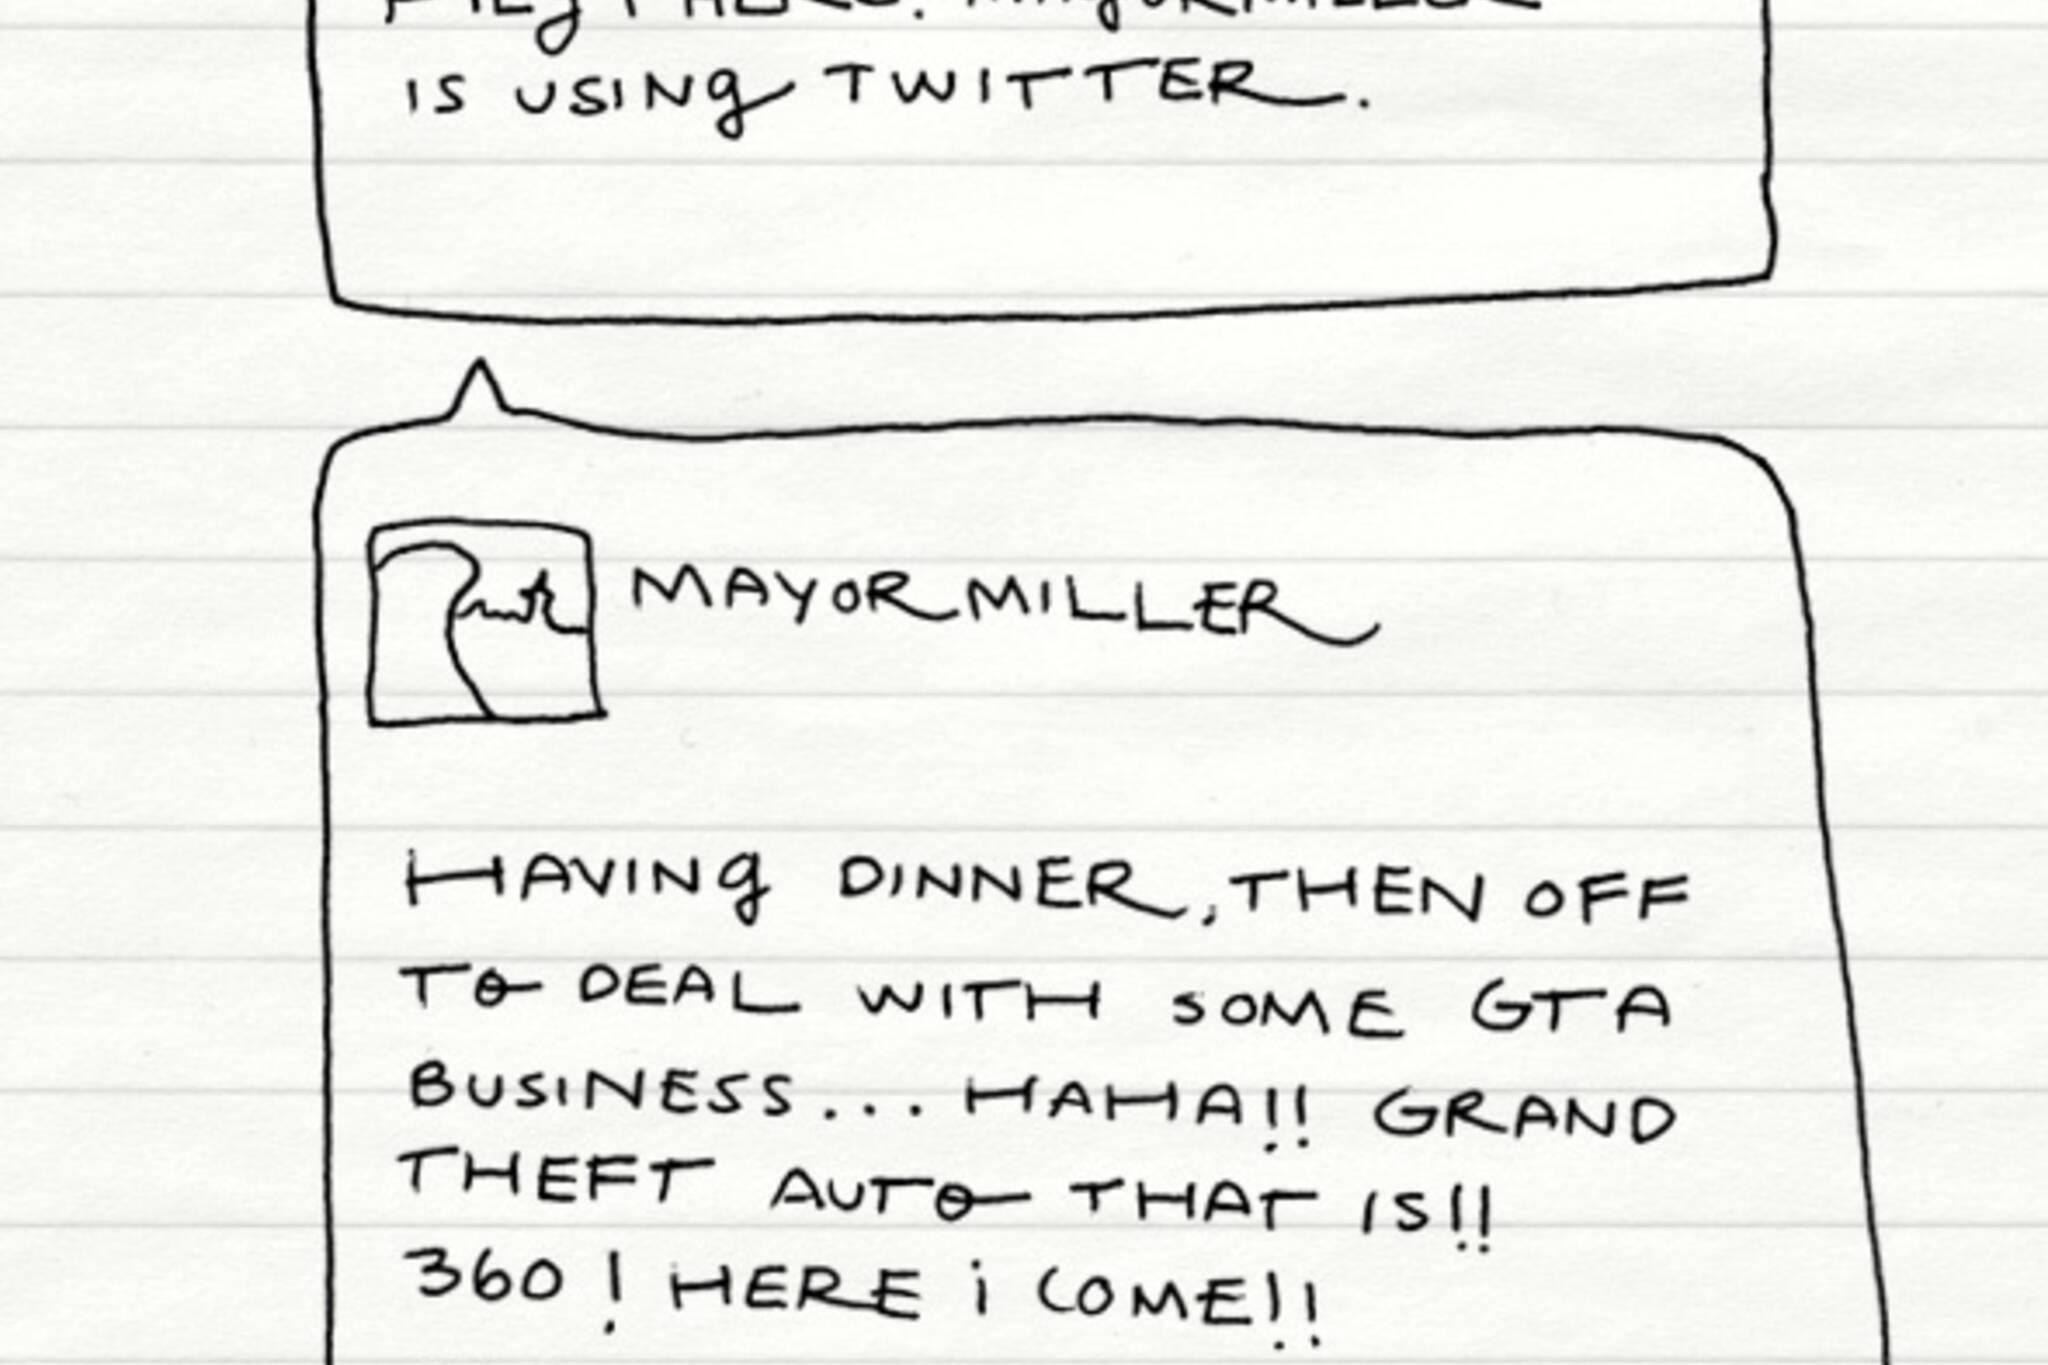 20090304_noteTOself_miller_twitter.jpg